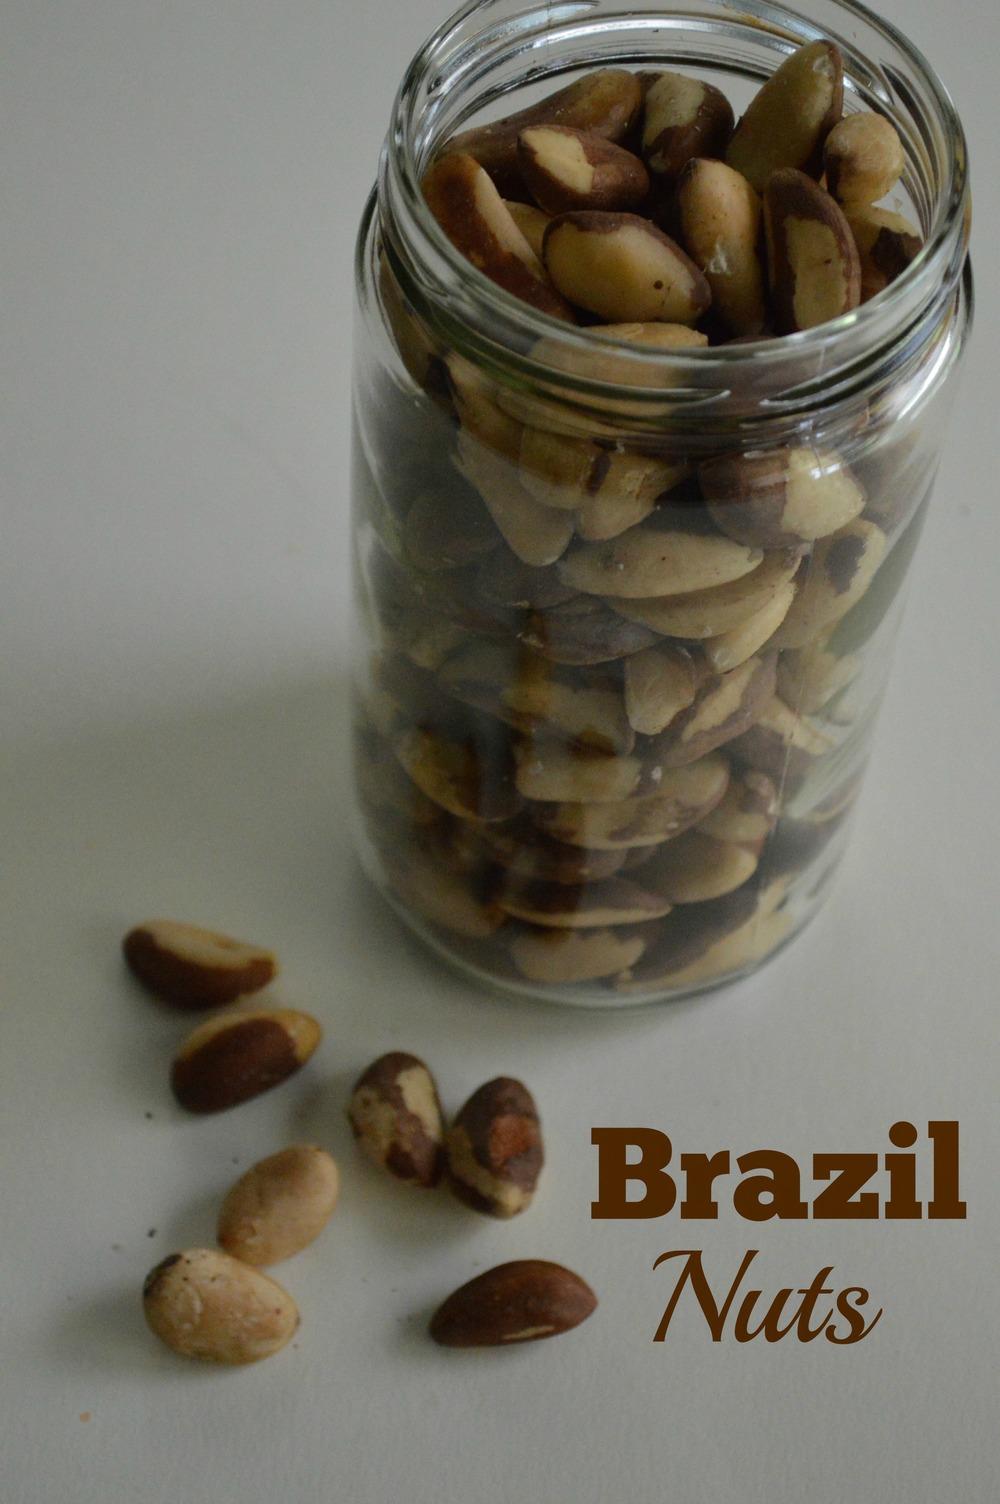 Brazil Nuts - Raw Brazil Nuts